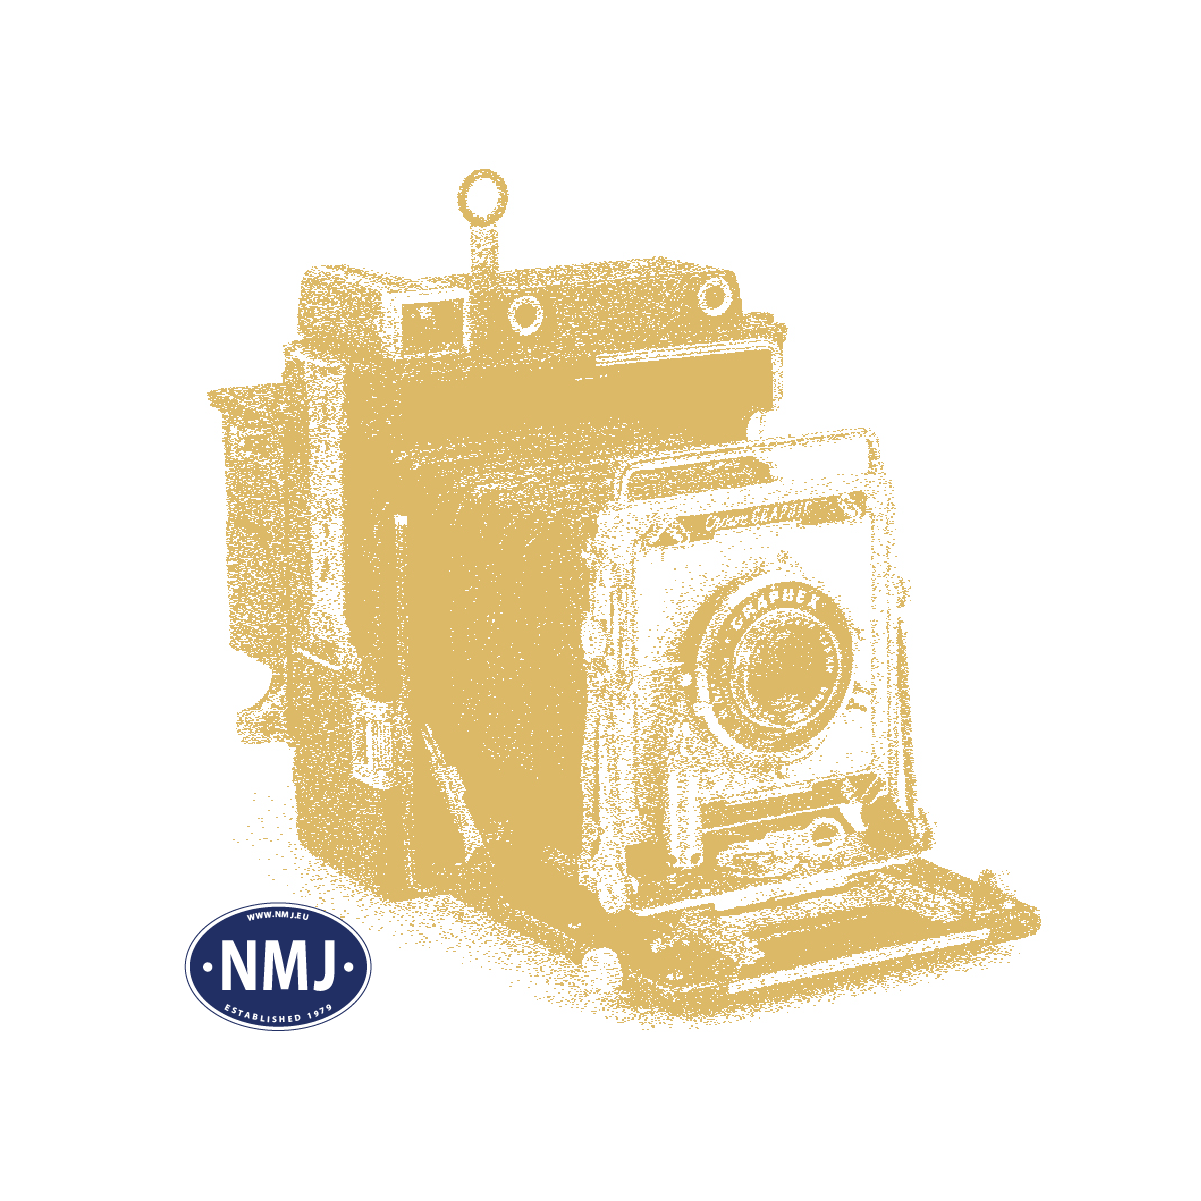 NMJT94009 - NMJ Topline SJ Y1 1349, Inter-Regio, DCC w/ Sound